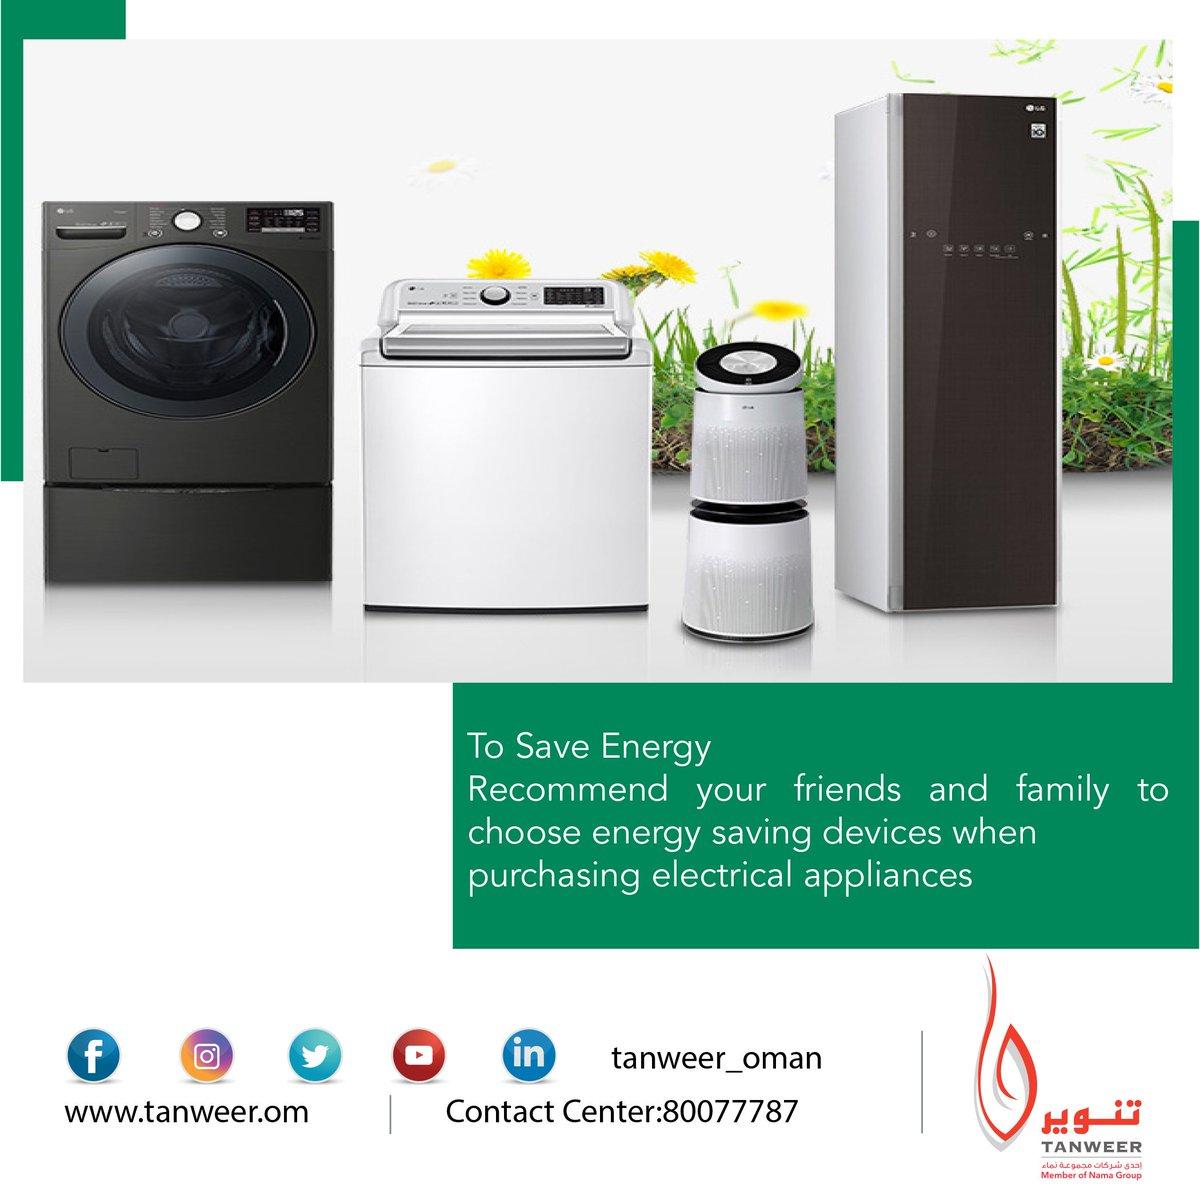 لترشيد الطاقة..To save energy..________#عمان #تنوير #مسندم #ظفار #الوسطى #كهرباء #توفير #سلامة #ترشيد #مناقصات #مشاريع #انجازات #طاقة